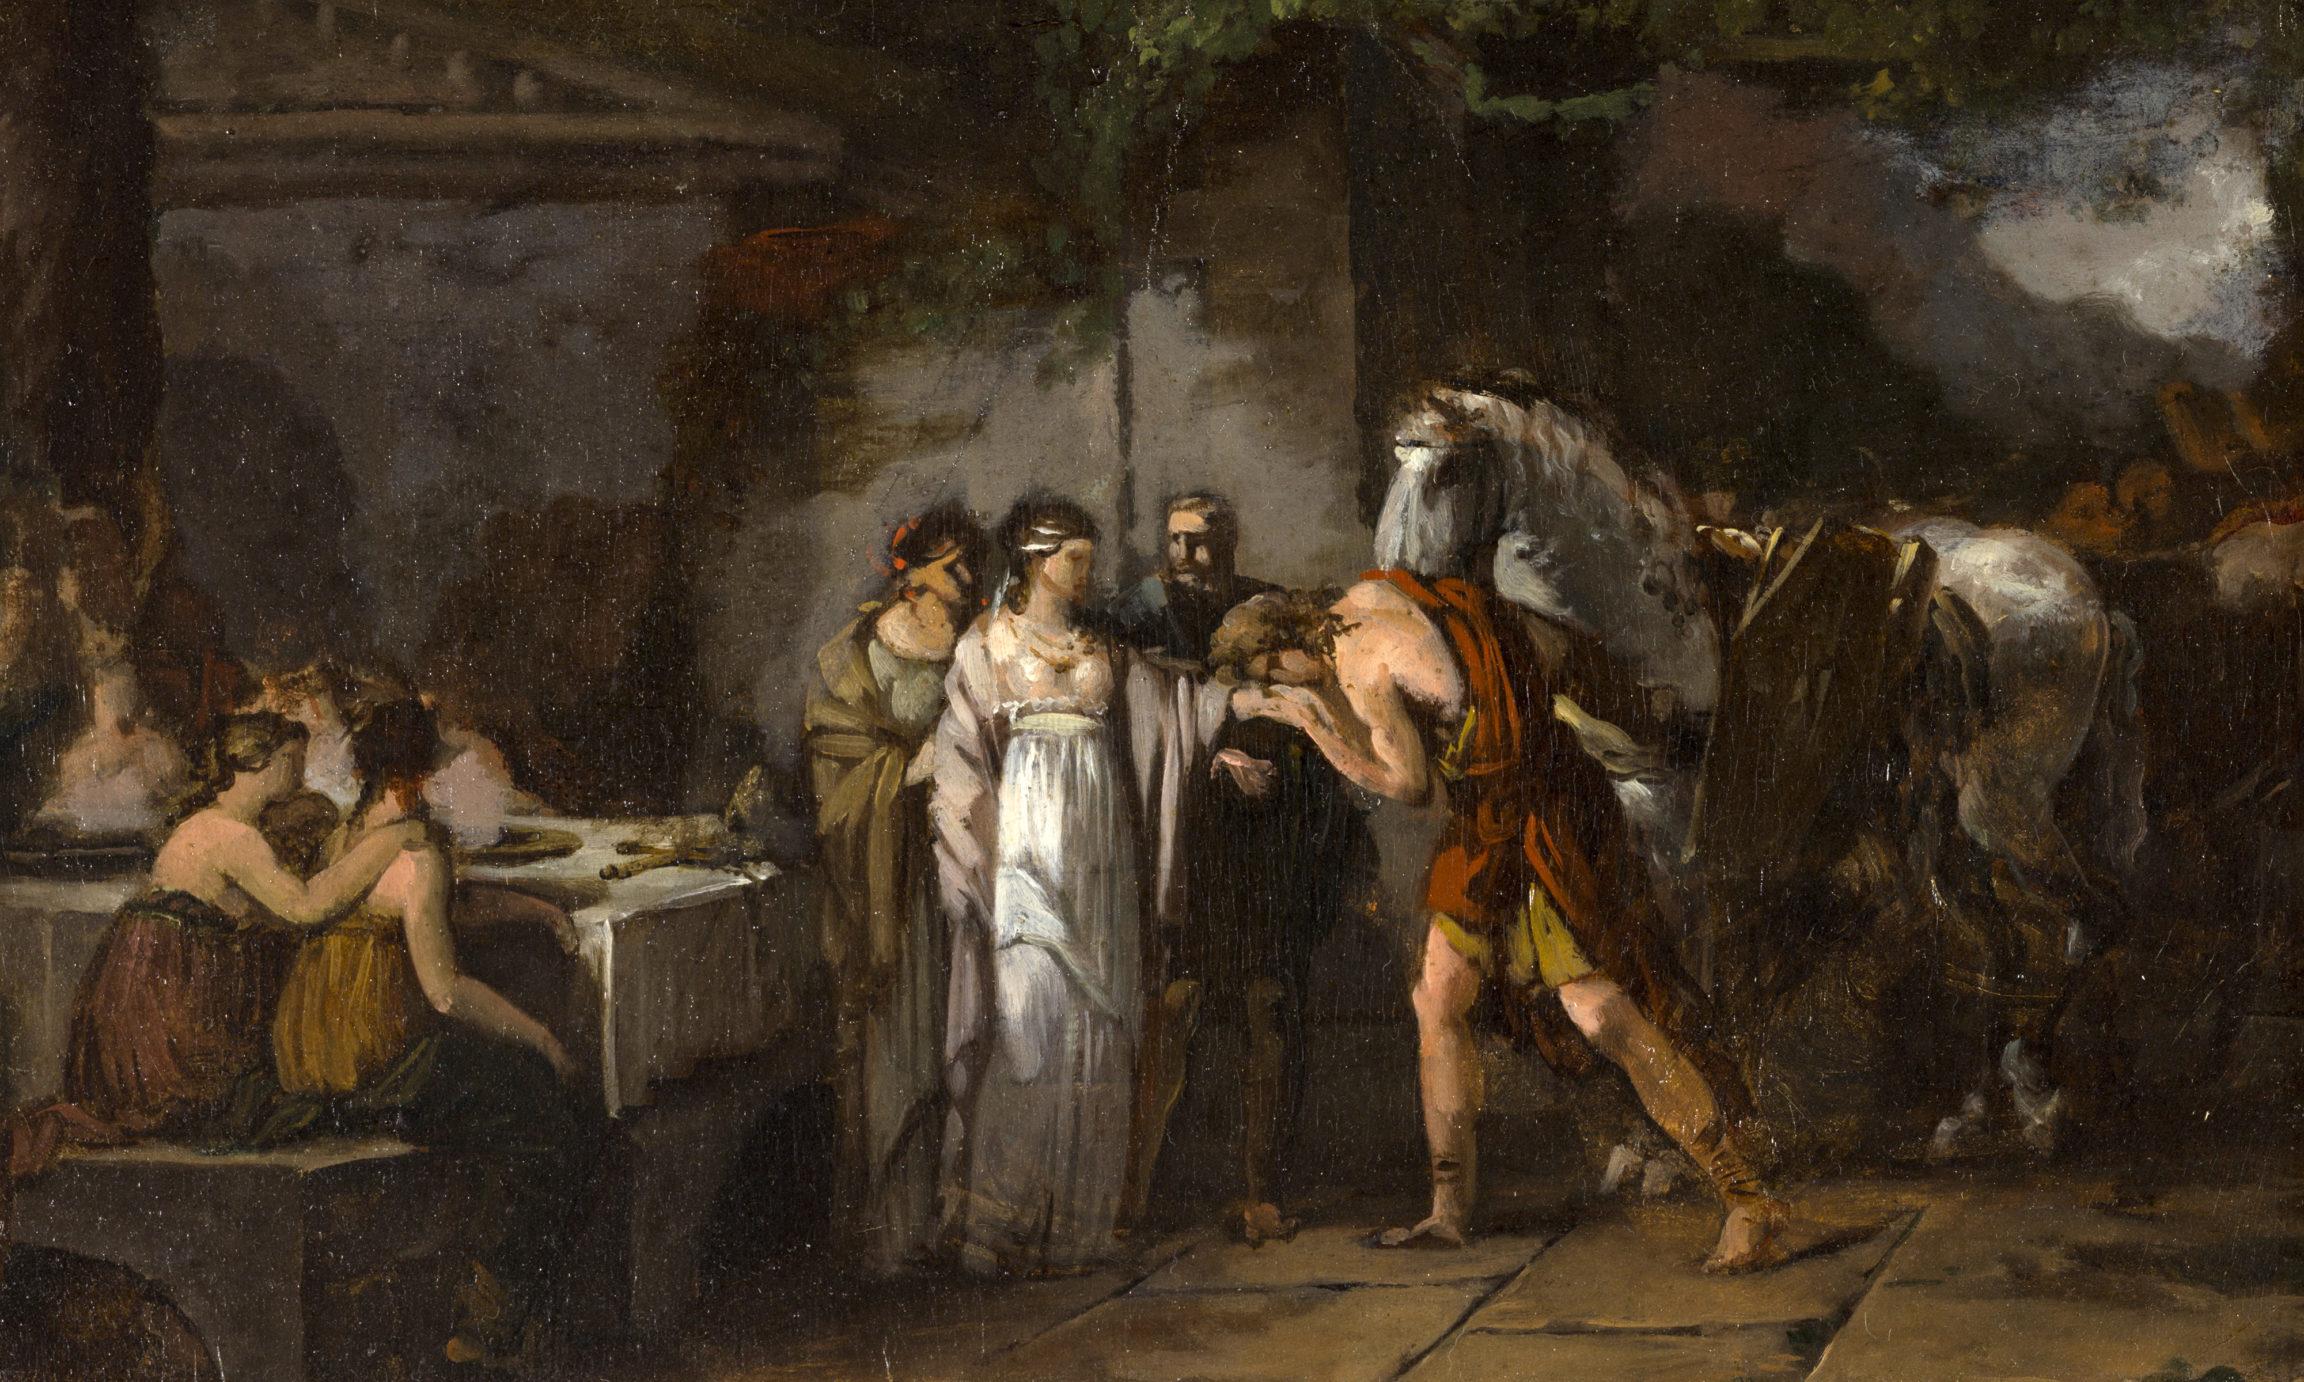 Jean-Pierre Saint-Ours, Esquisse pour Les Mariages germains, entre 1784 et 1786